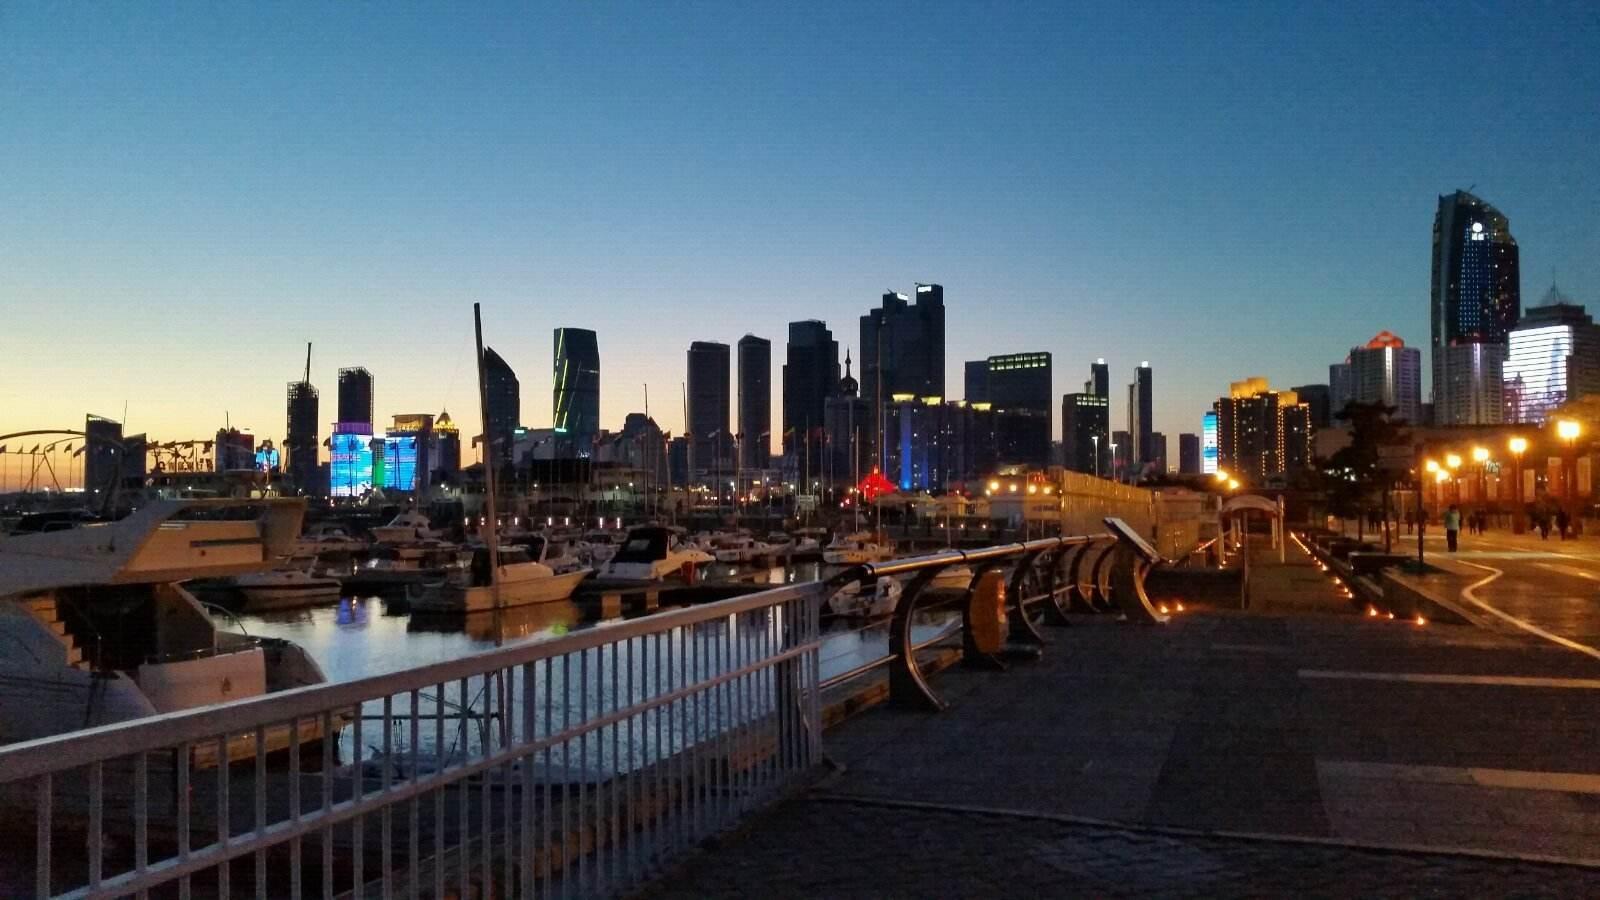 武陟县2020上半年GDP_武陟县医院张金海